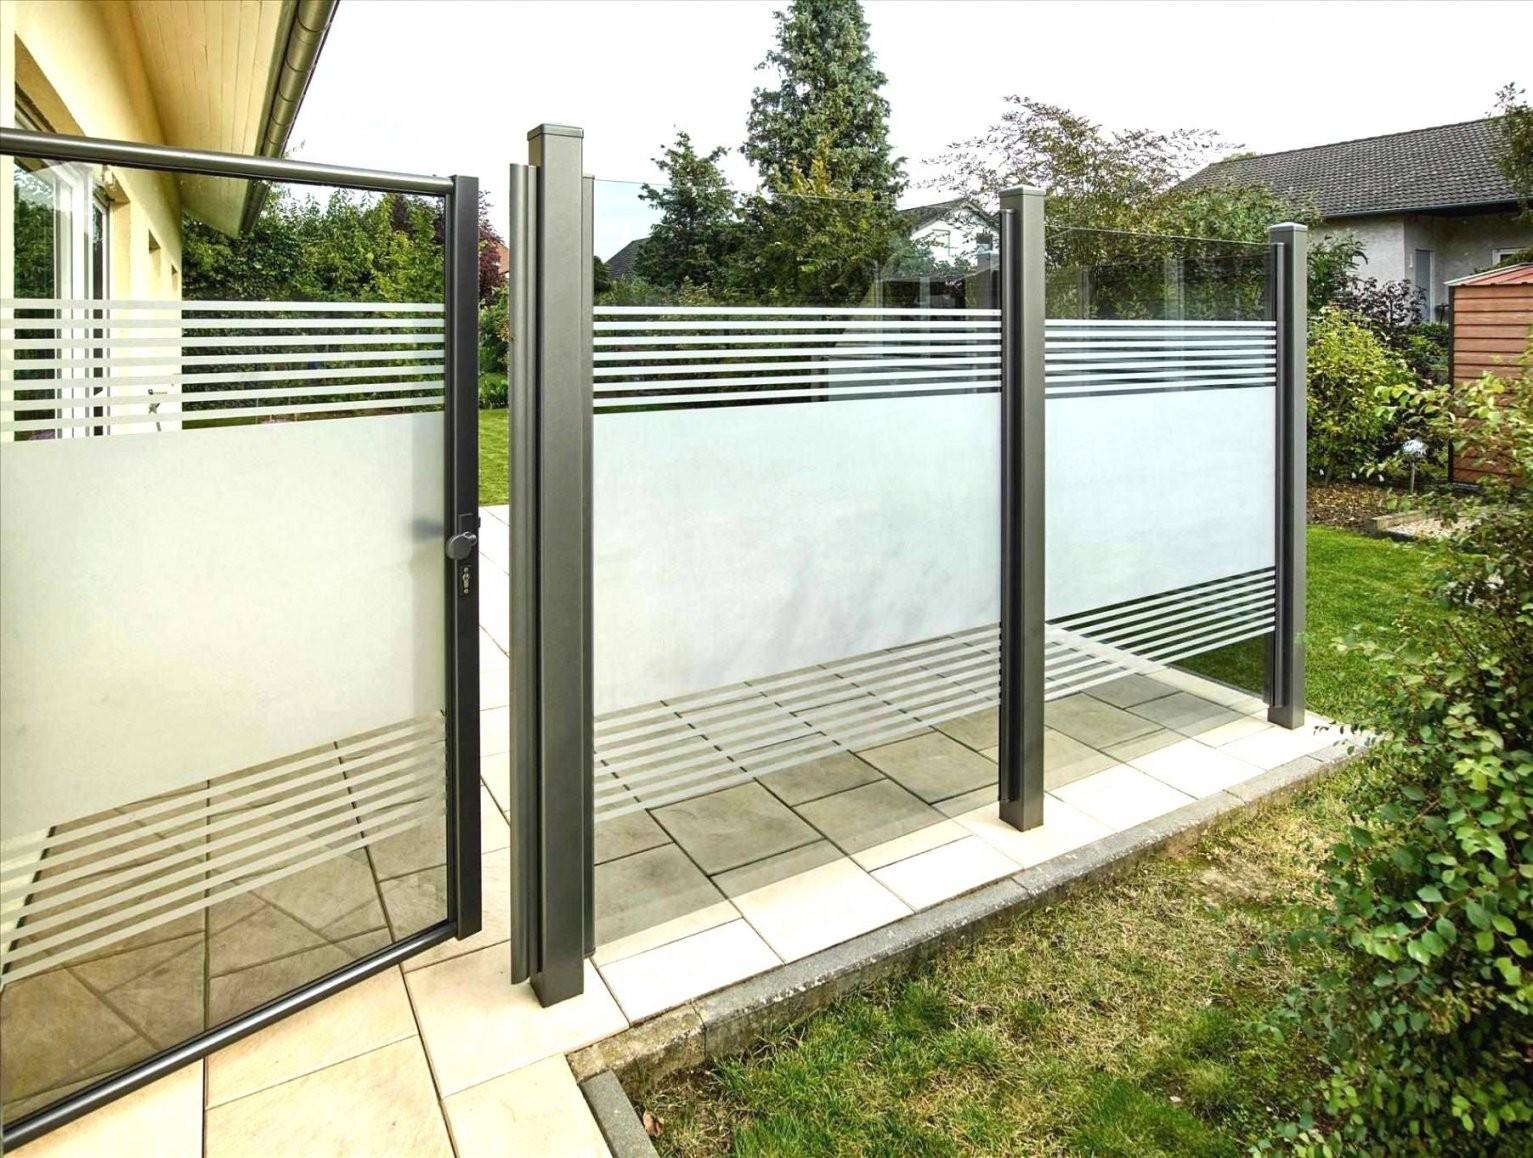 Einzigartig 40 Sichtschutz Terrasse Selber Bauen Planen von Sichtschutz Zum Nachbarn Ideen Photo